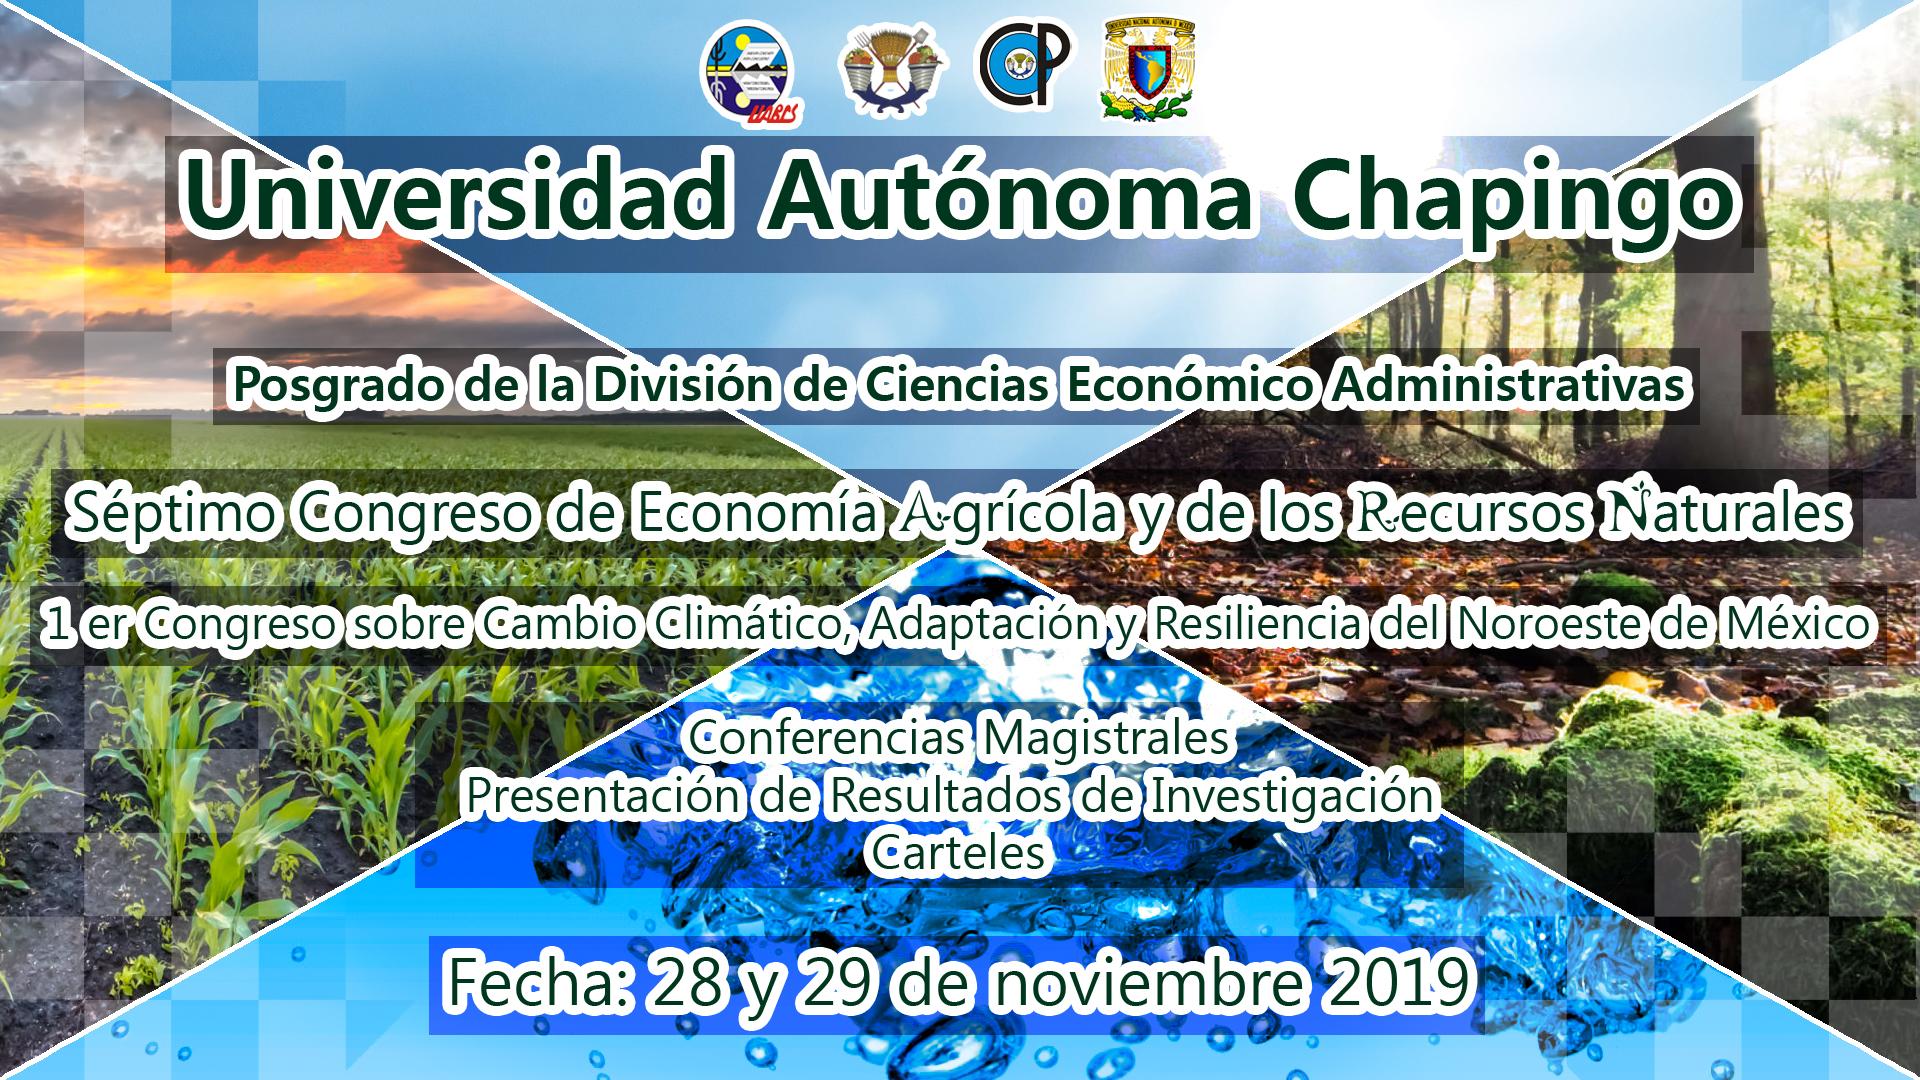 7° Congreso de Economía Agrícola y de los Recursos Naturales